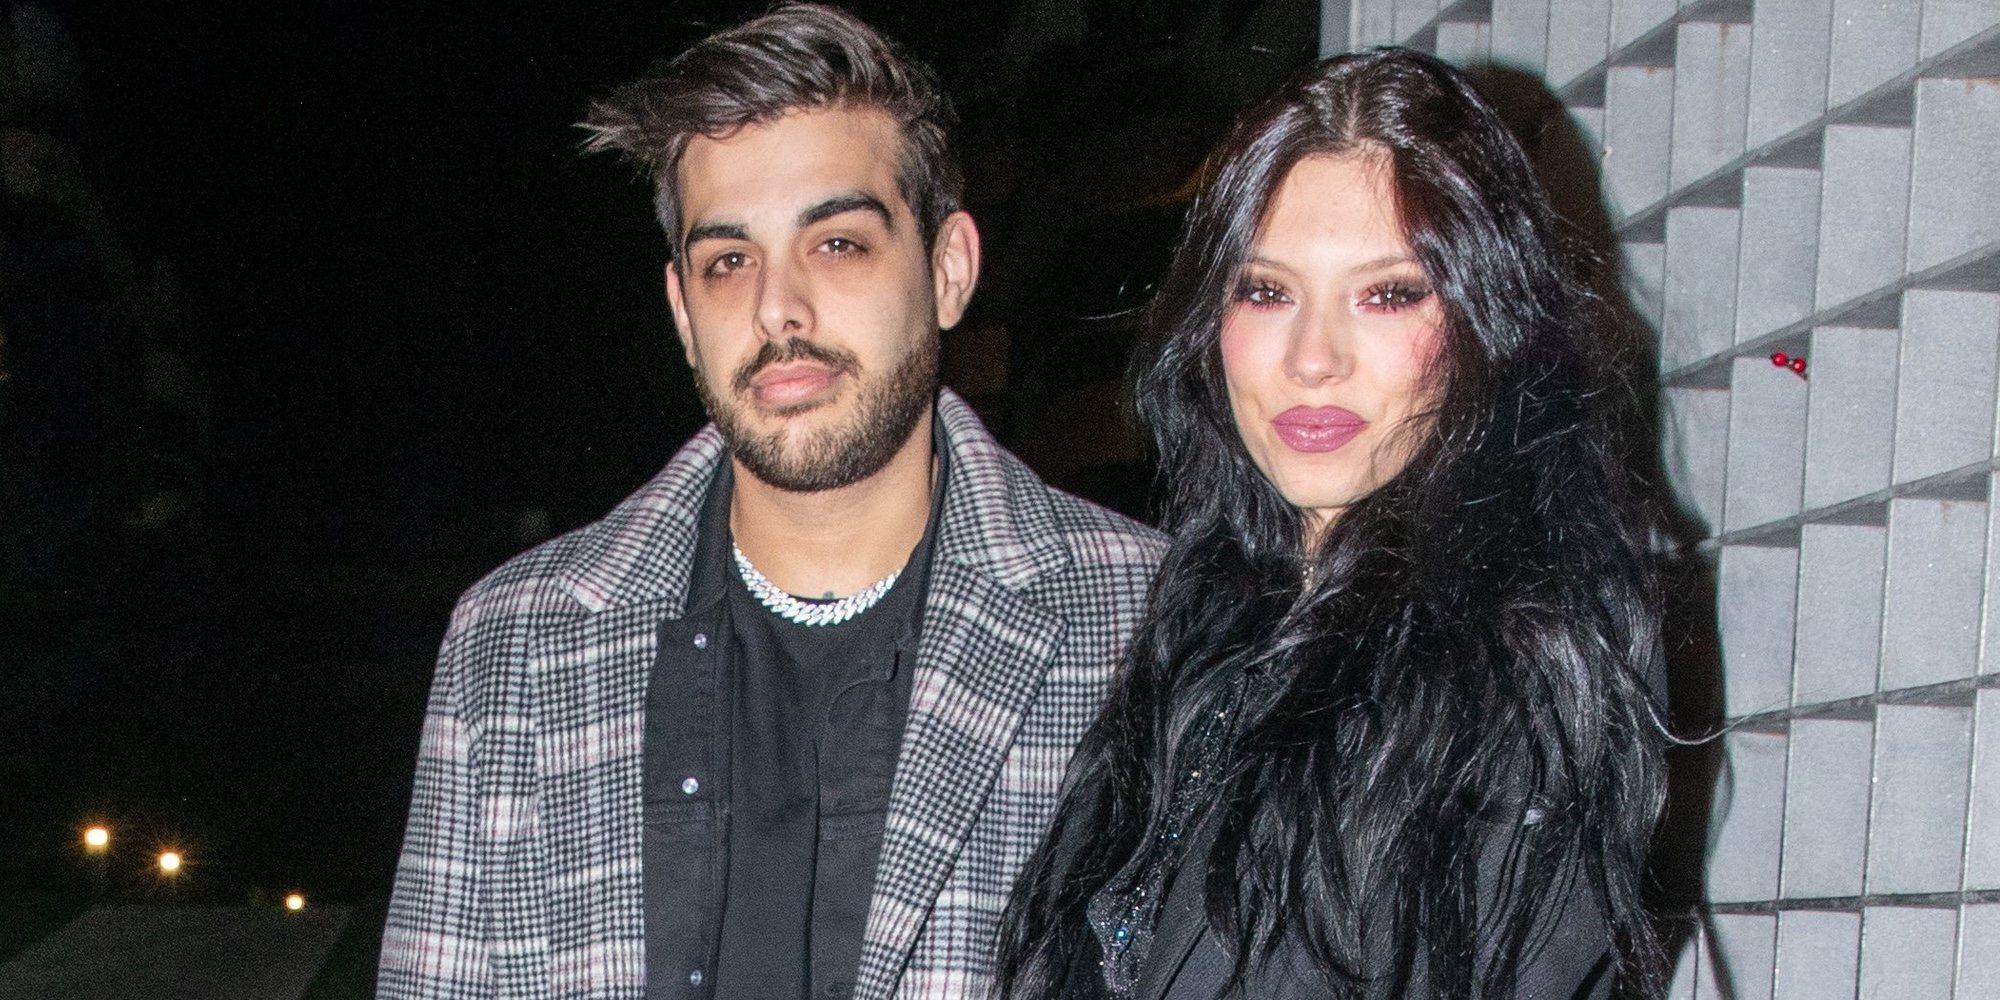 Alejandra Rubio y Álvaro Lobo han roto tras más de dos años de relación